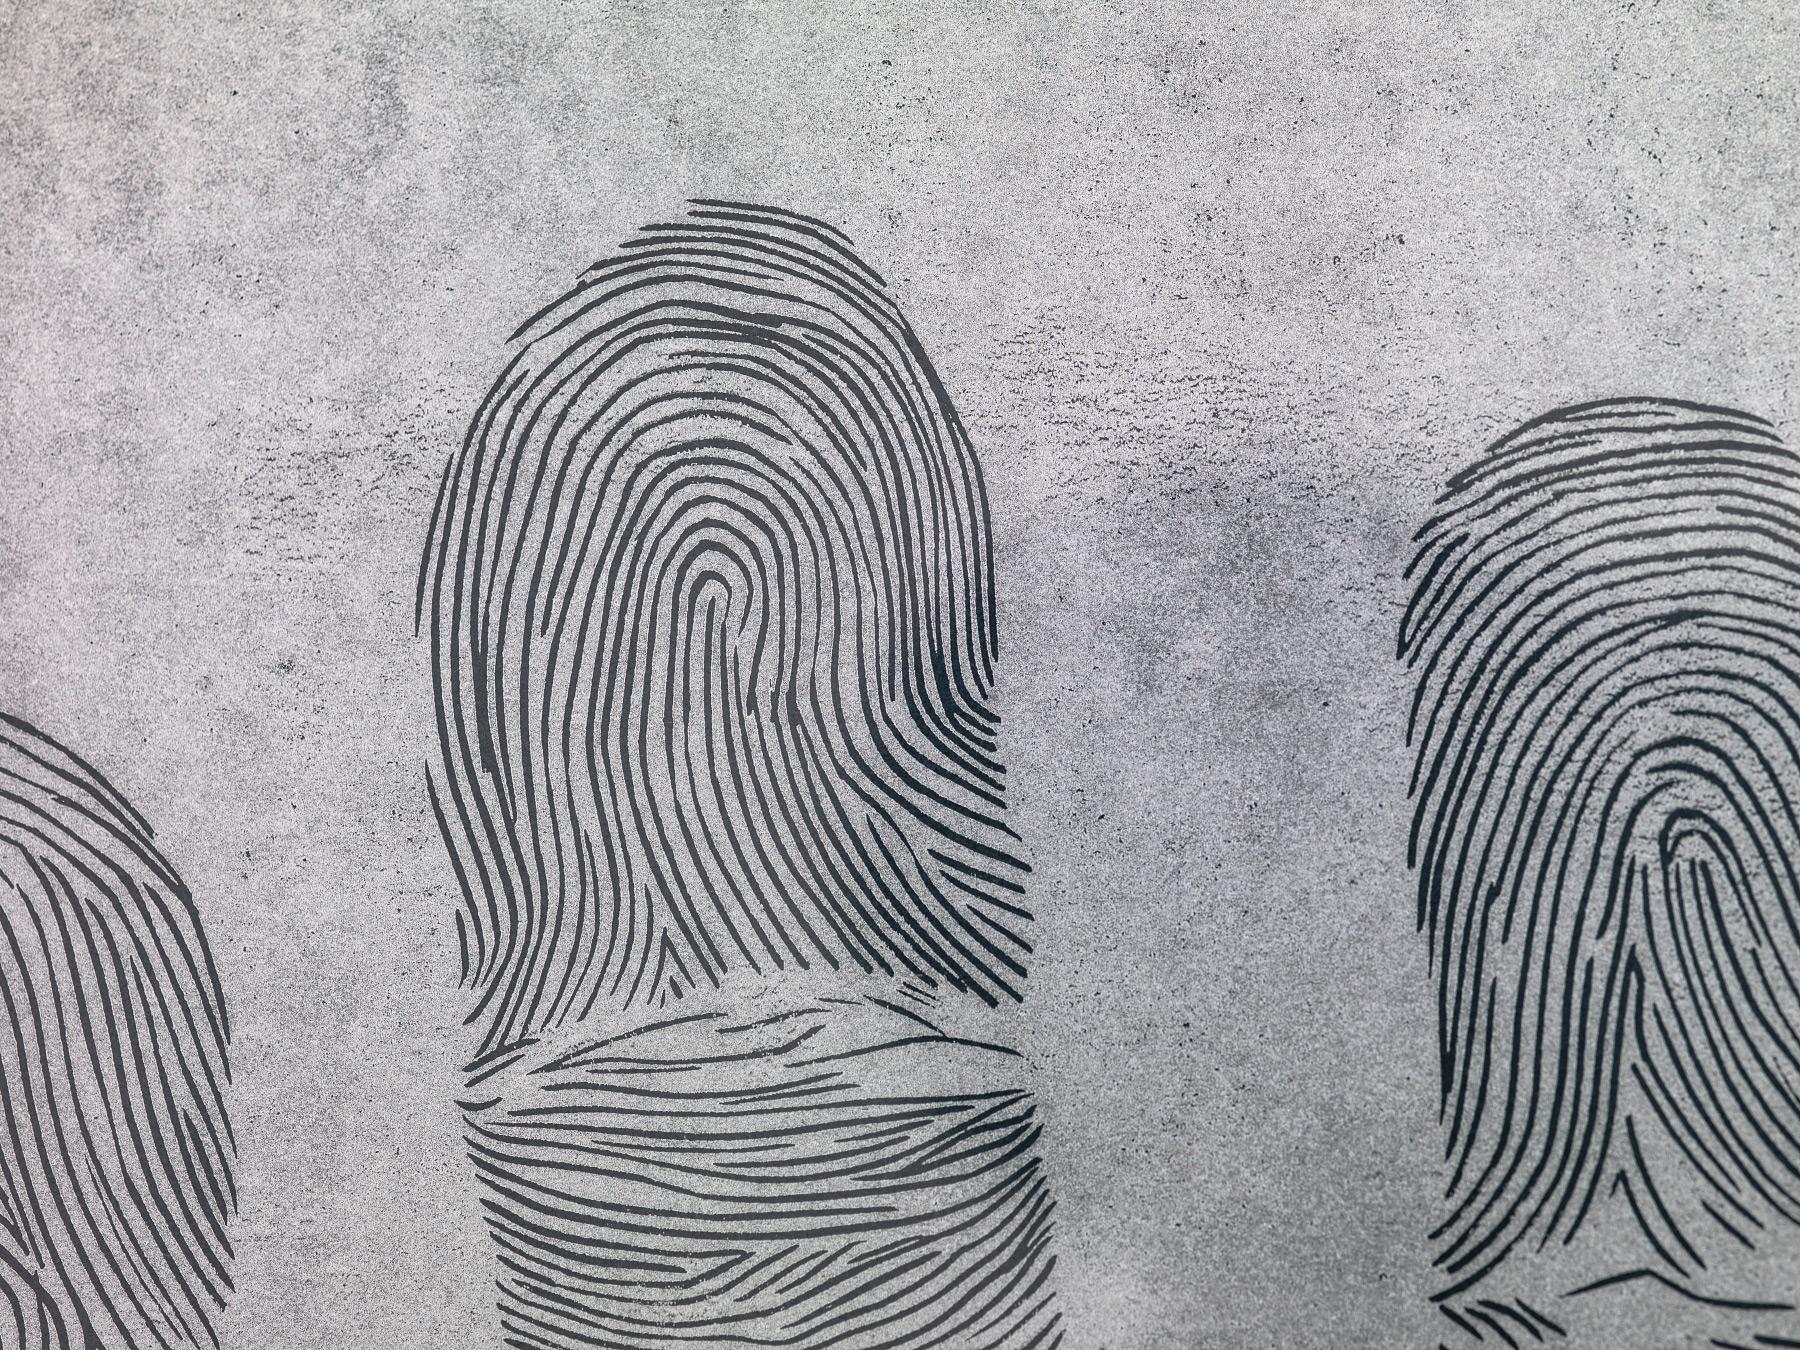 Jacopo Rinaldi sulle tracce di Gaetano Bresci. Fotografia e impronte digitali